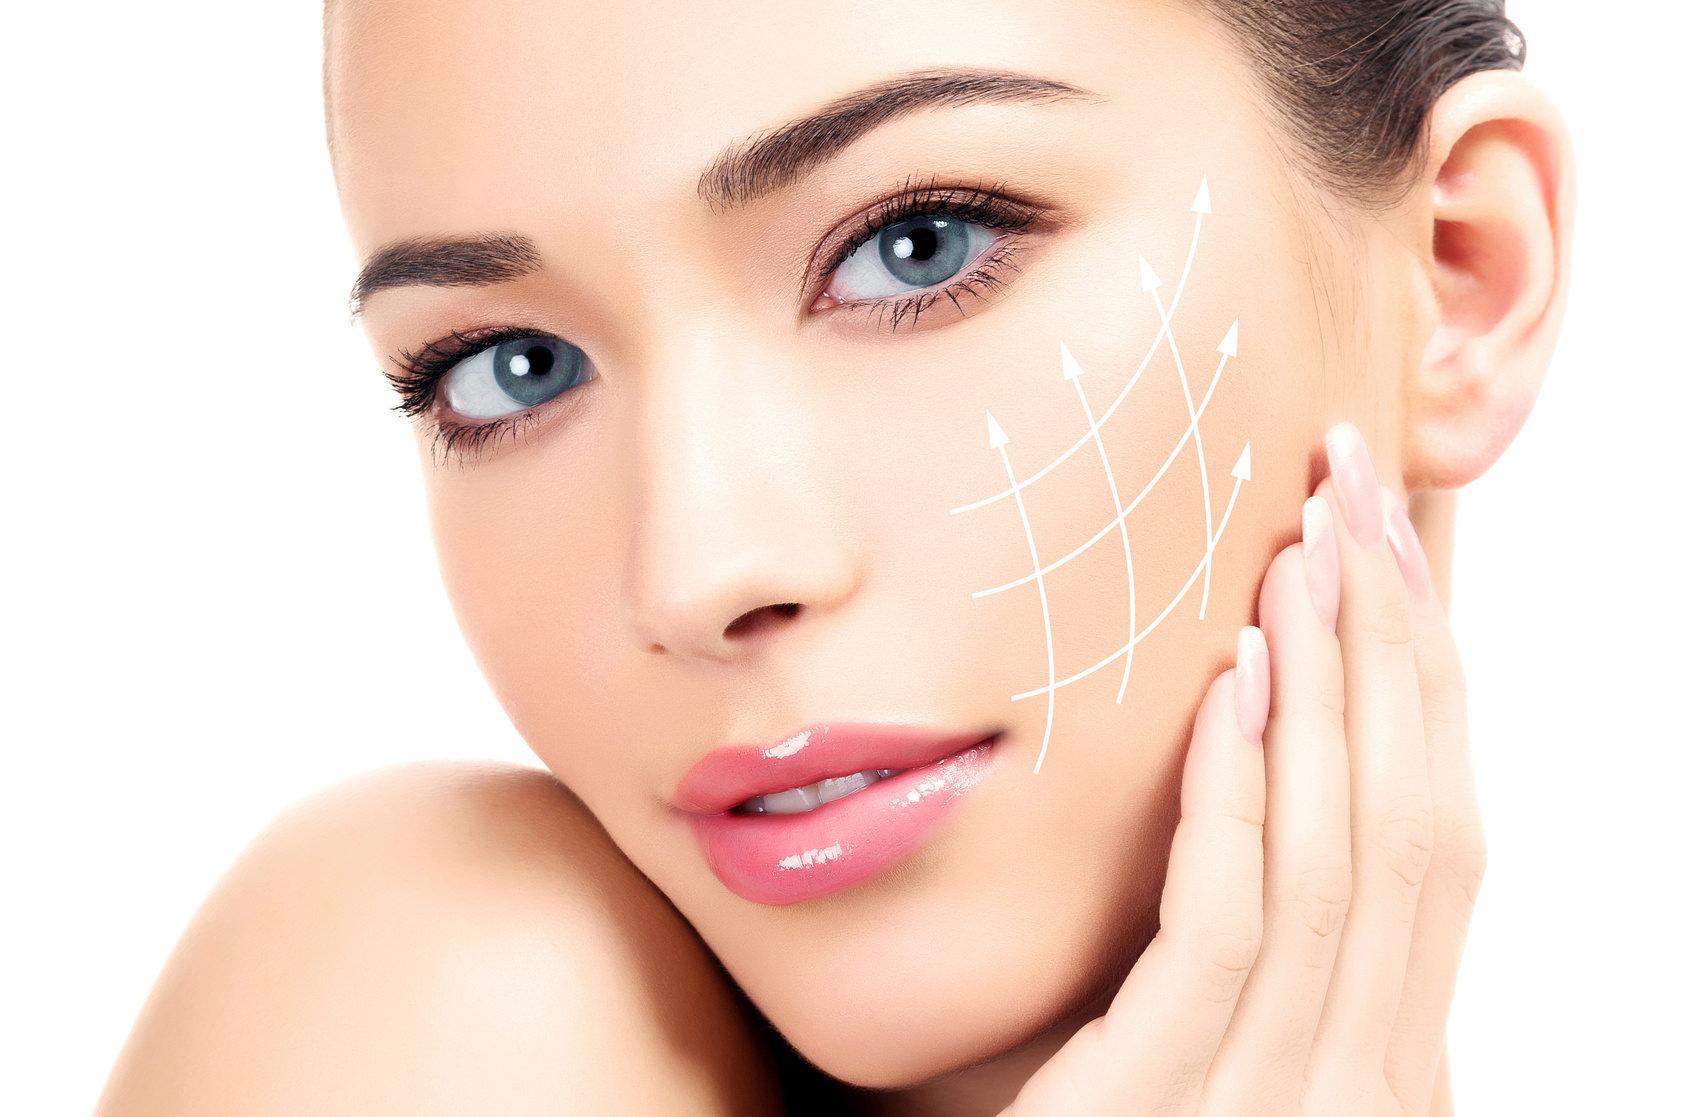 Clínica dermatológica - mesoterapia facial